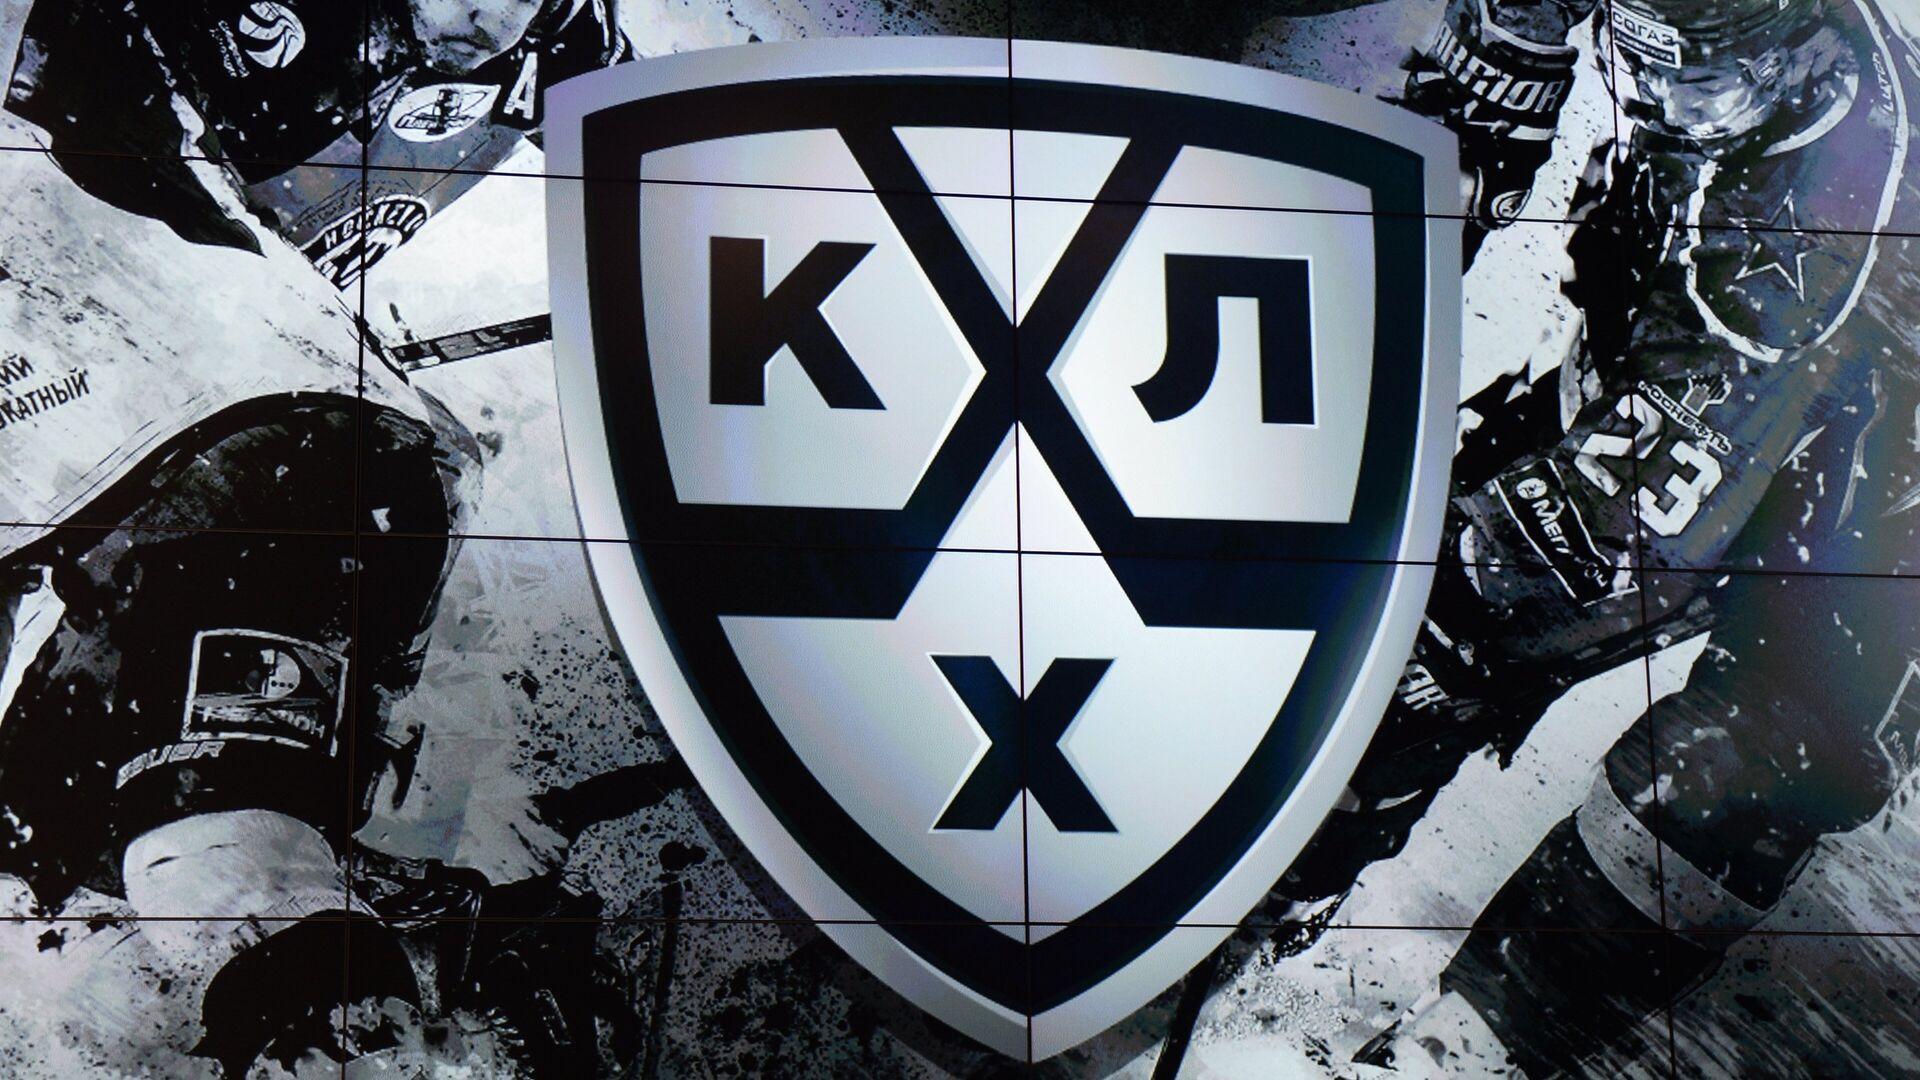 Логотип Континентальной хоккейной лиги (КХЛ) - РИА Новости, 1920, 19.07.2021